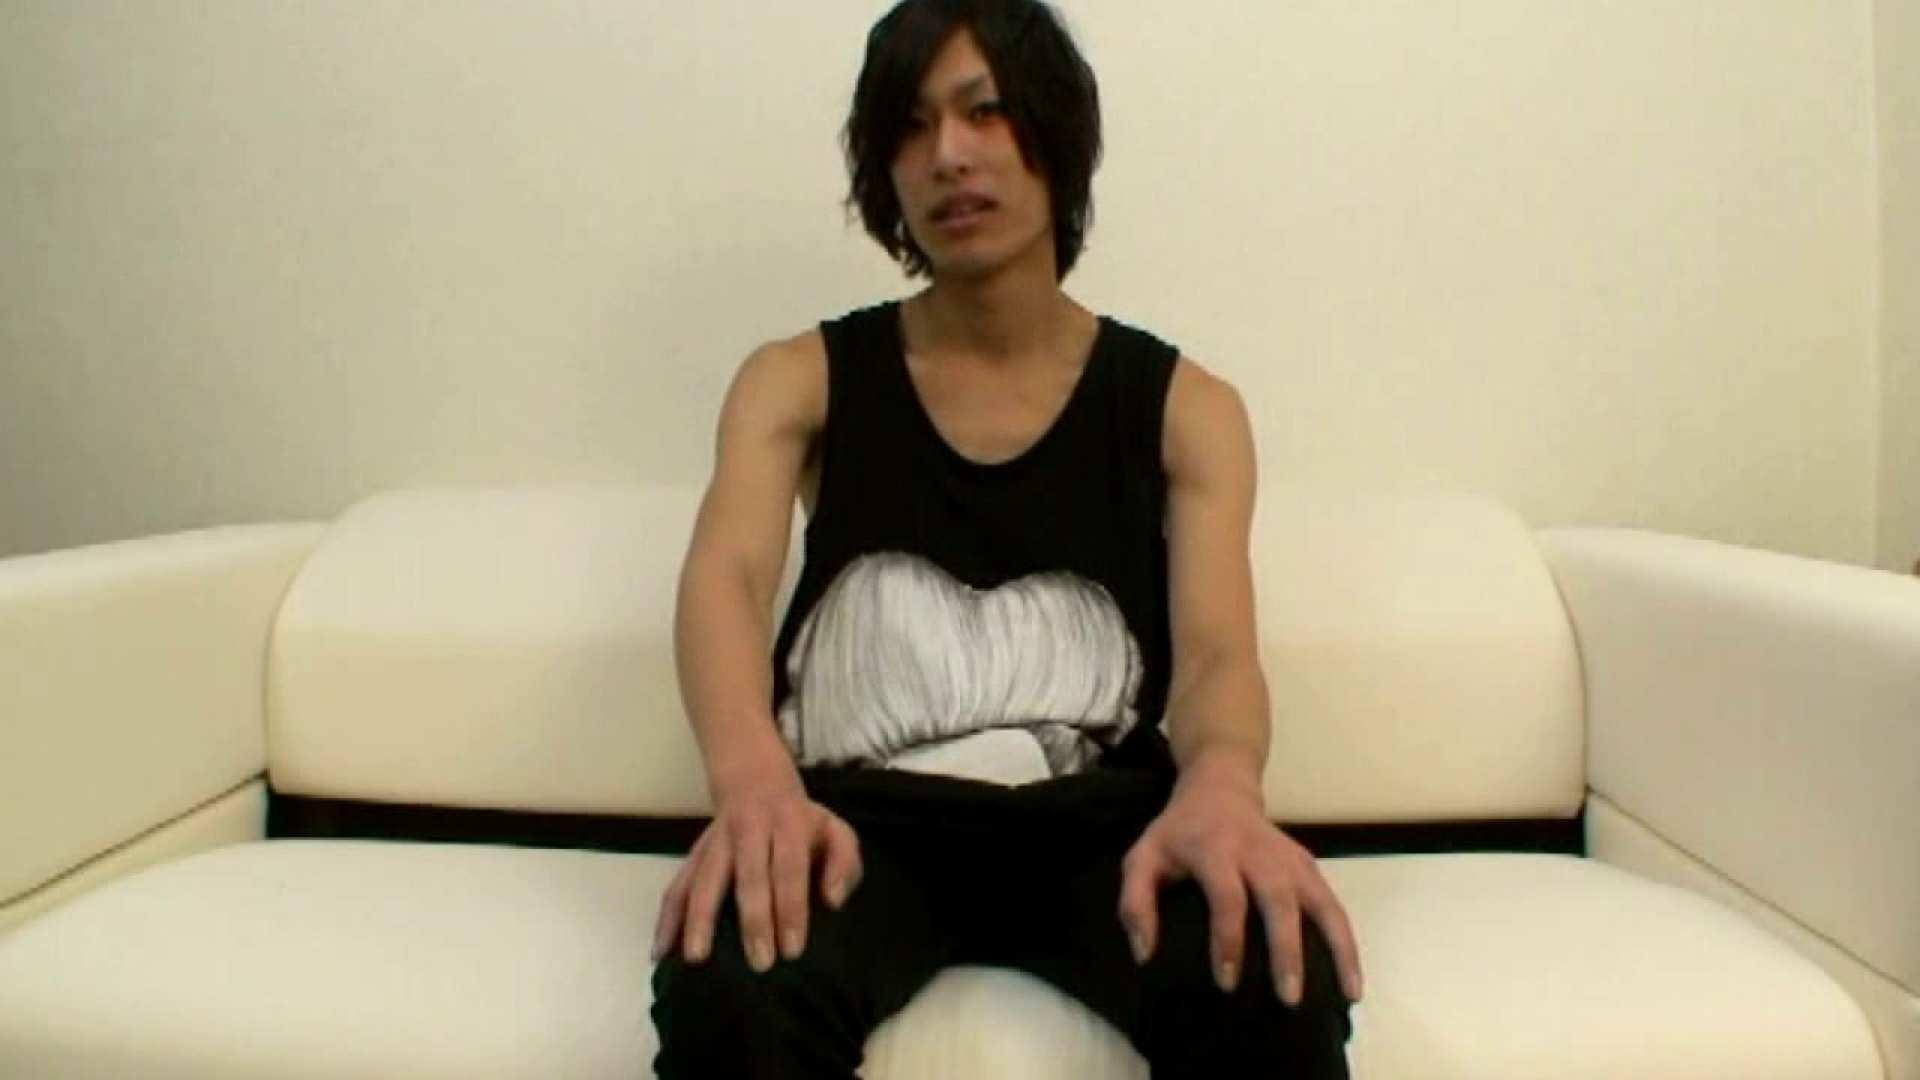 ノンケ!自慰スタジオ No.27 自慰   ノンケ達のセックス  82画像 1